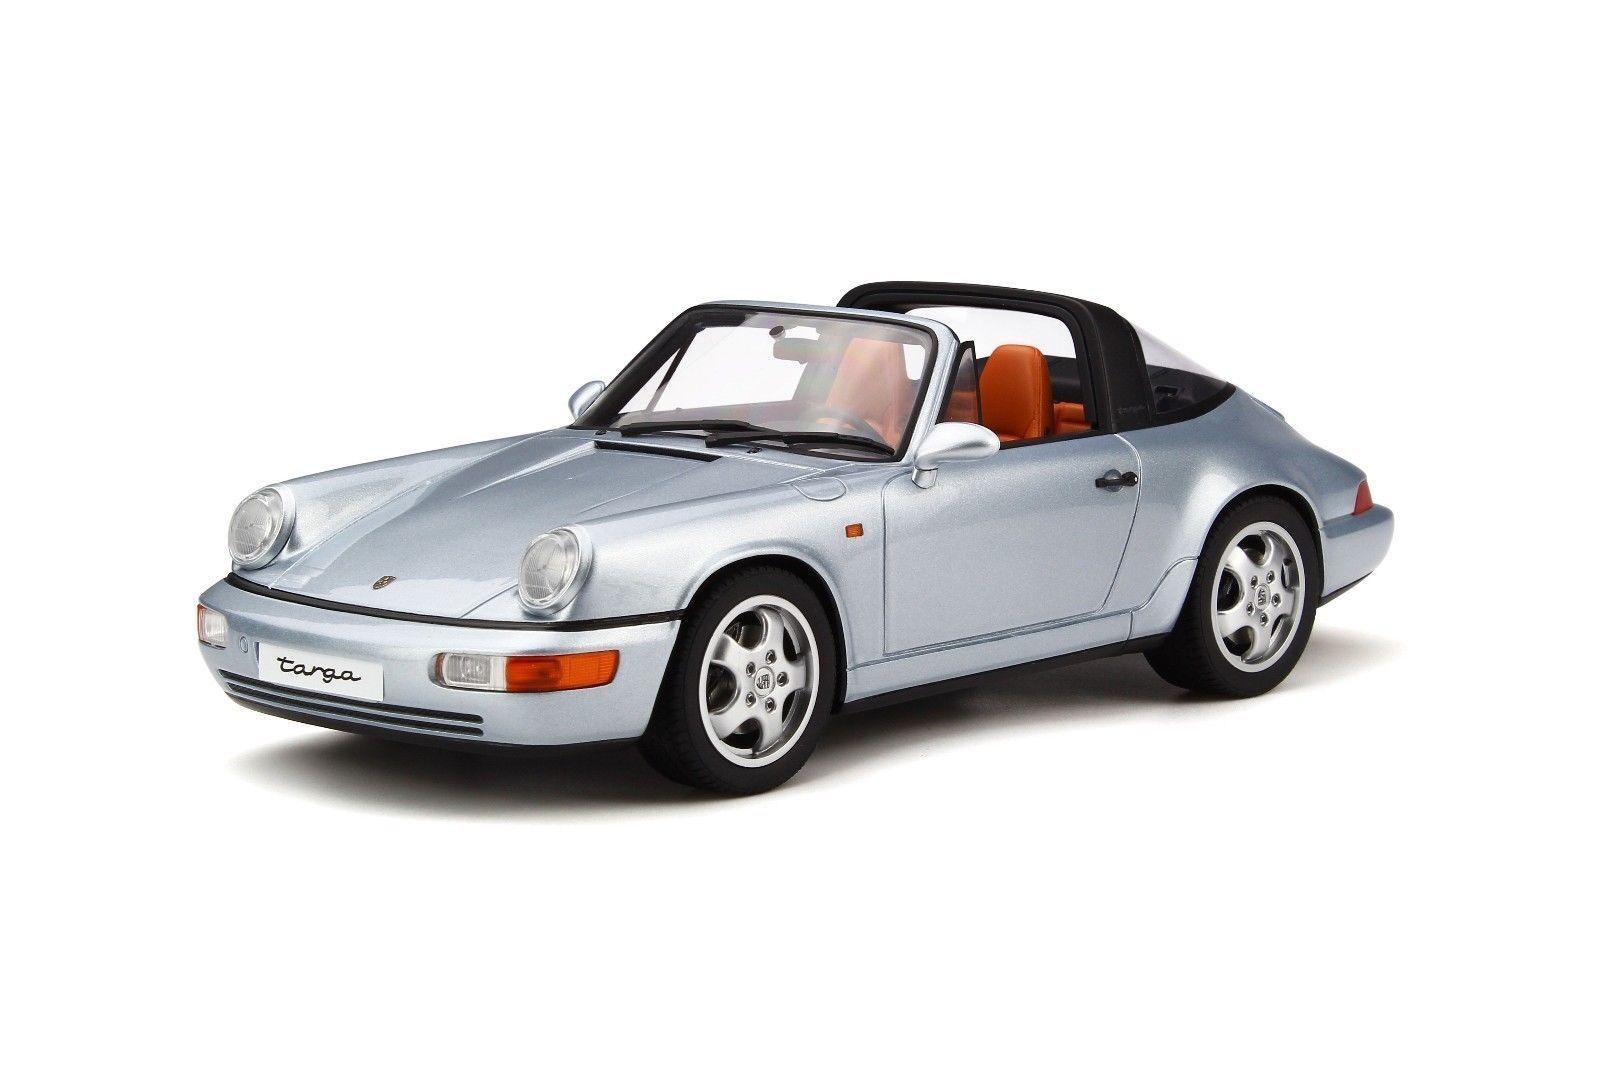 1 18 GT Spirit-Porsche 911 (964) Targa Année 1991 Argent Lmtd .999st.  gt185